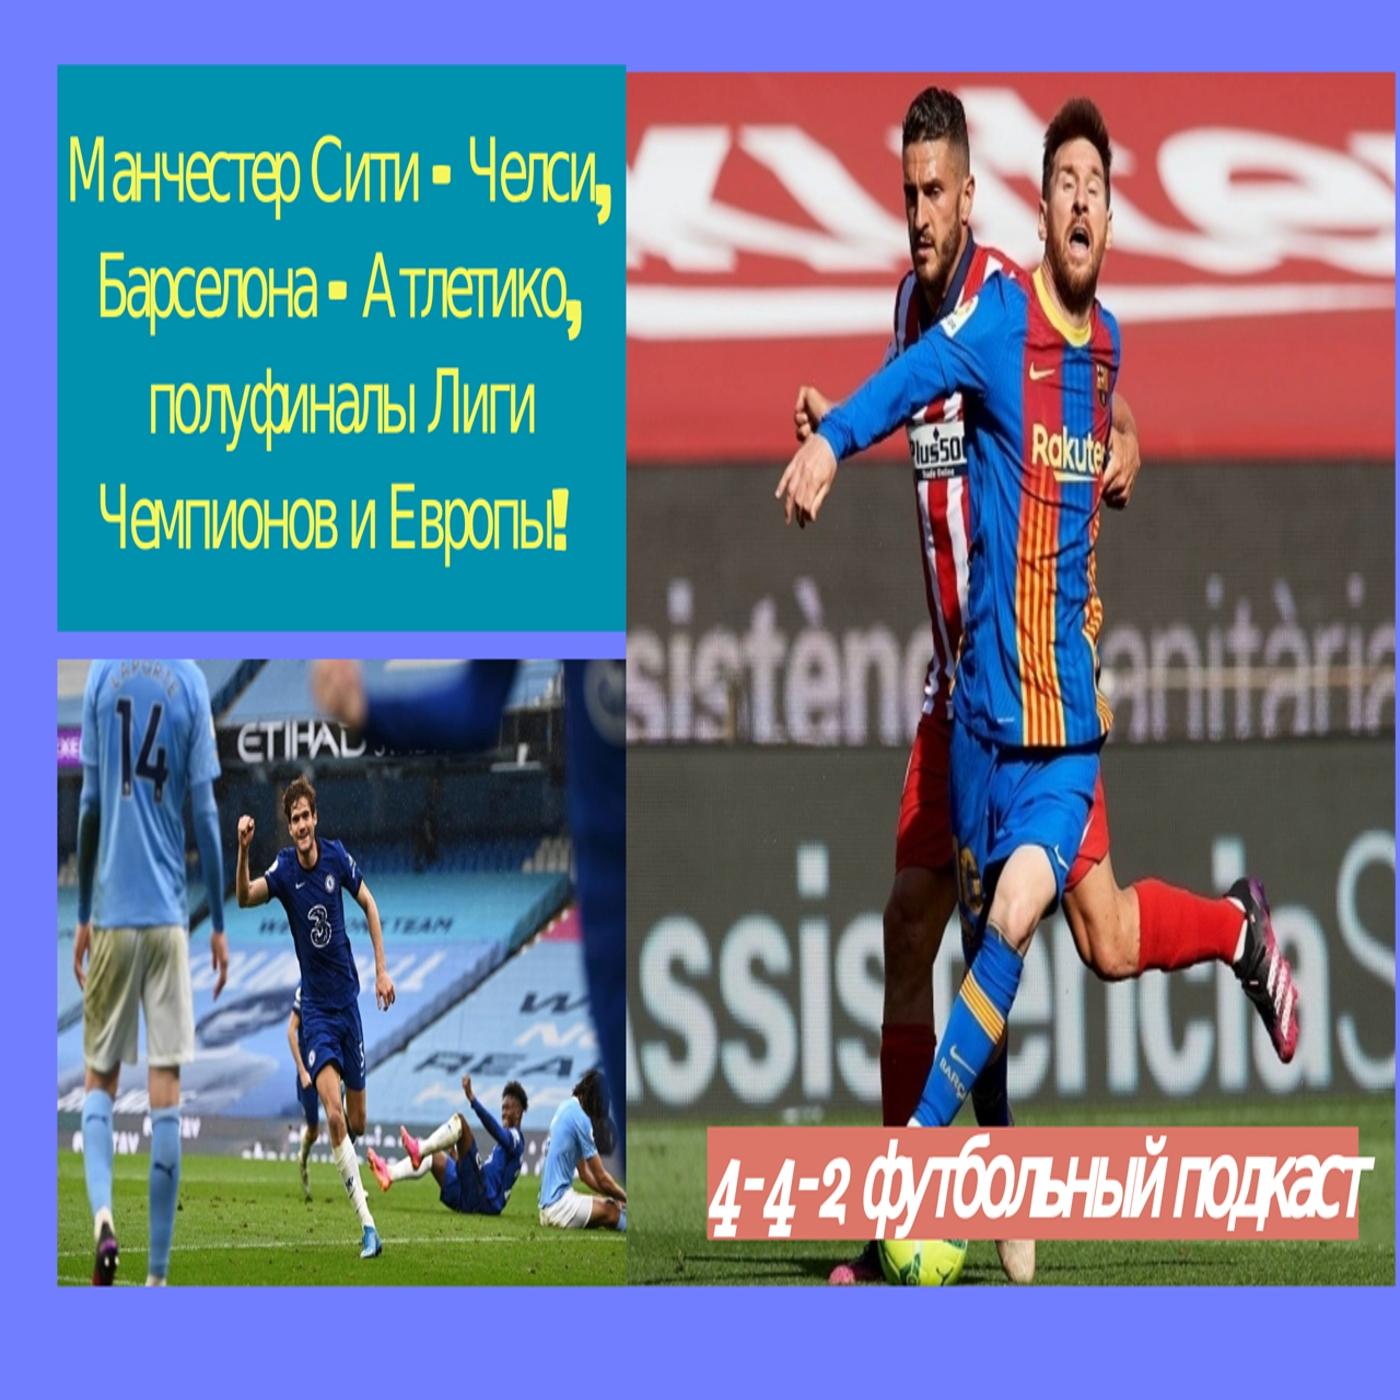 Манчестер Сити - Челси, Барселона - Атлетико, полуфиналы Лиги Чемпионов и Европы, РПЛ!